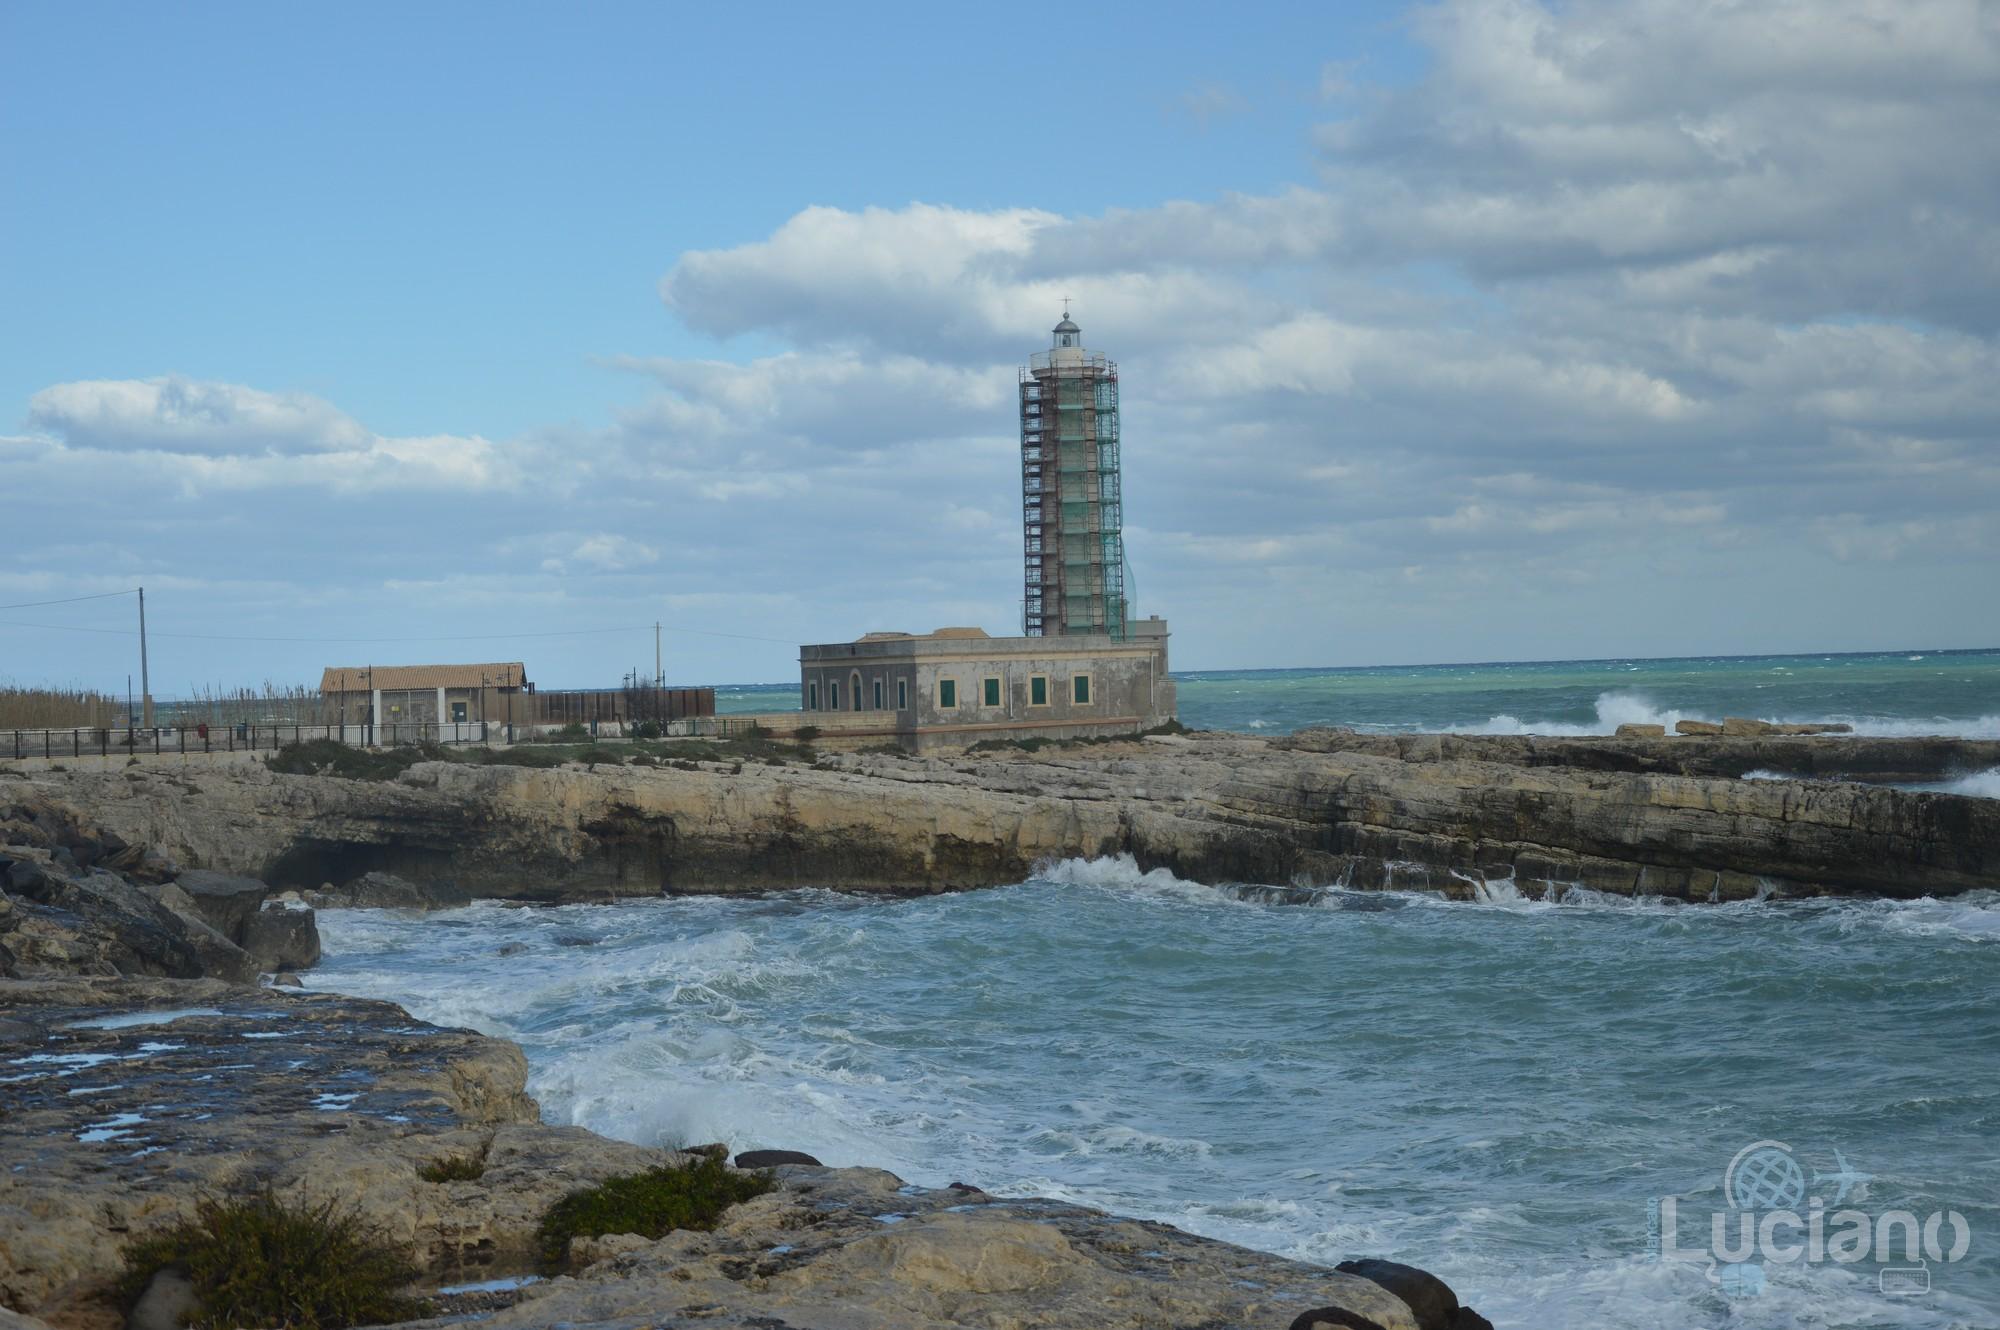 Faro Capo Santa Croce Augusta e Faro Capo di Murro Di Porco Siracusa